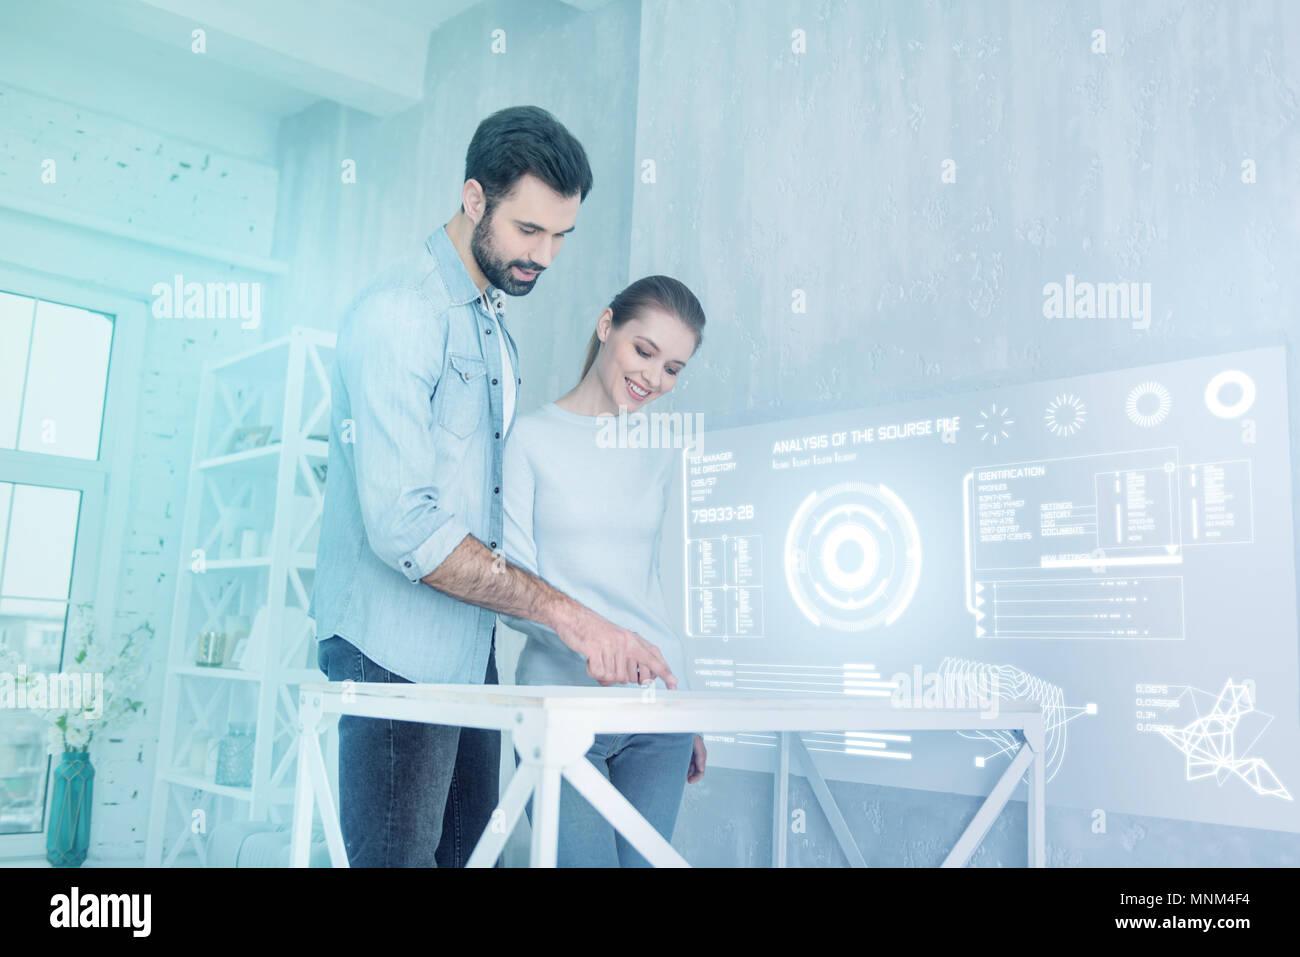 Los desarrolladores de software creativo sonriente y trabajando juntos Imagen De Stock